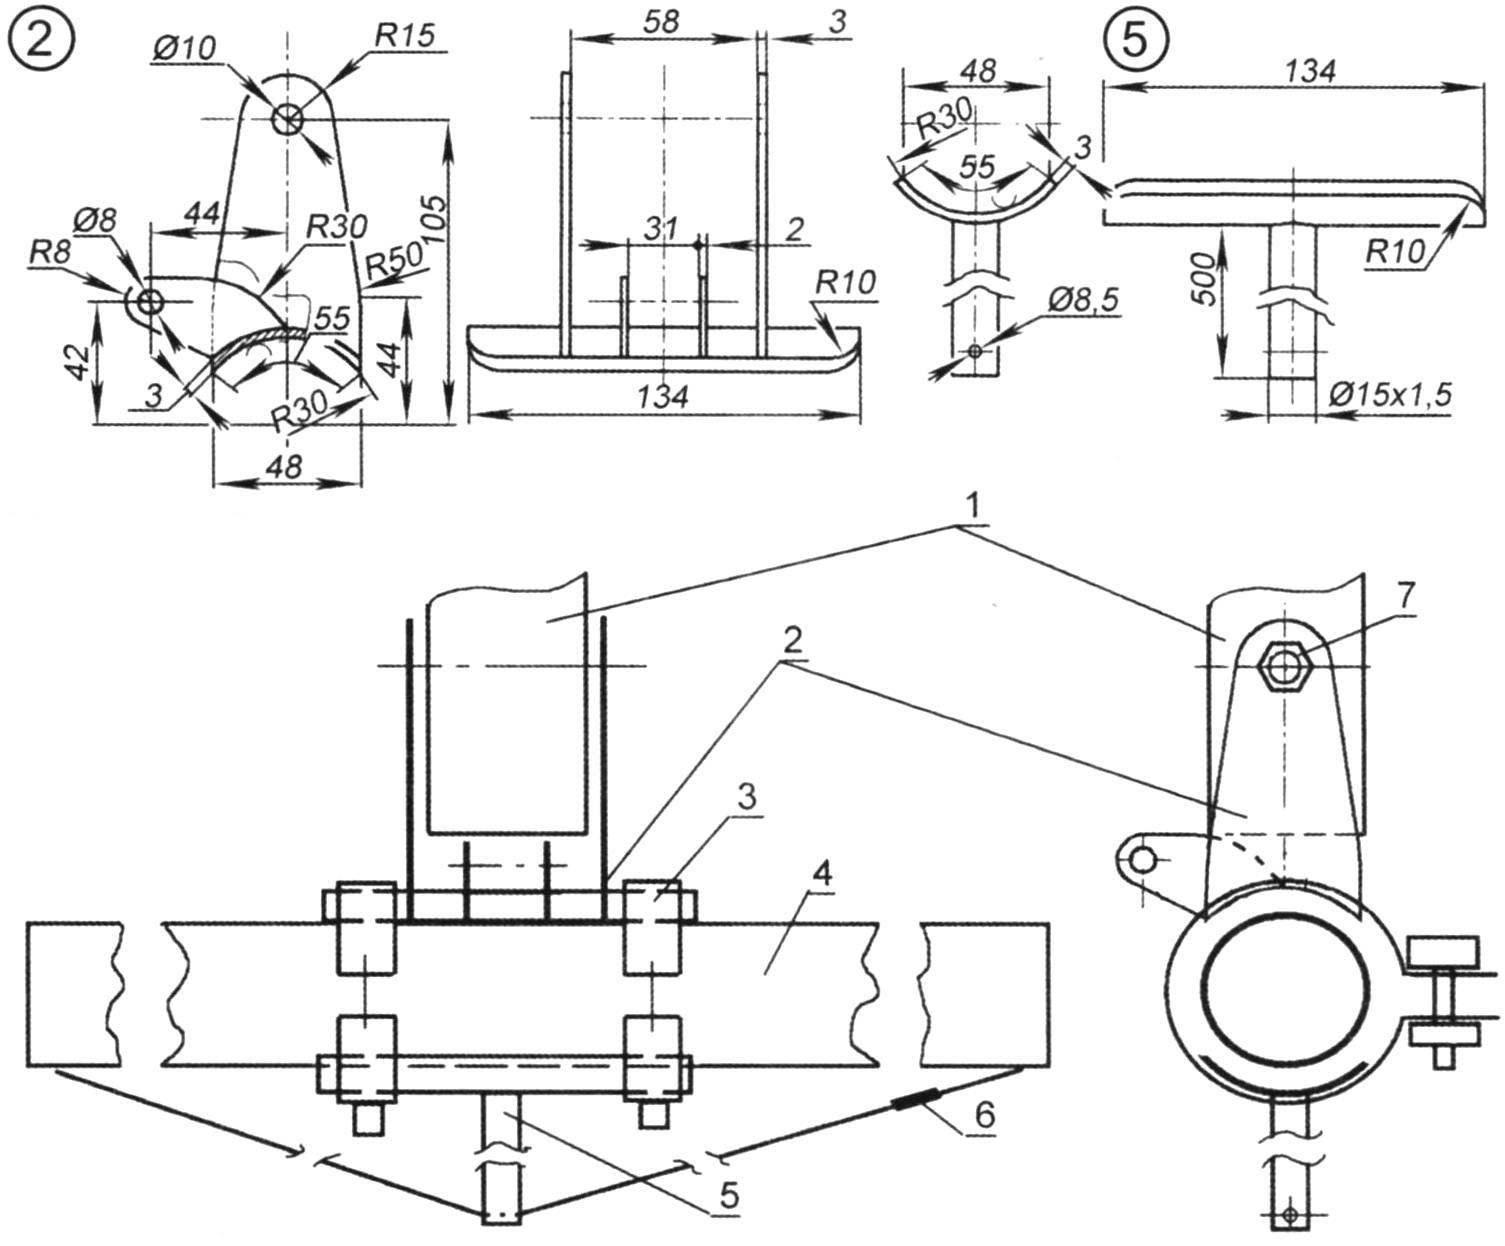 Подмачтовый узел, степс (сварные варианты) и схема стыковки мачты и бимса